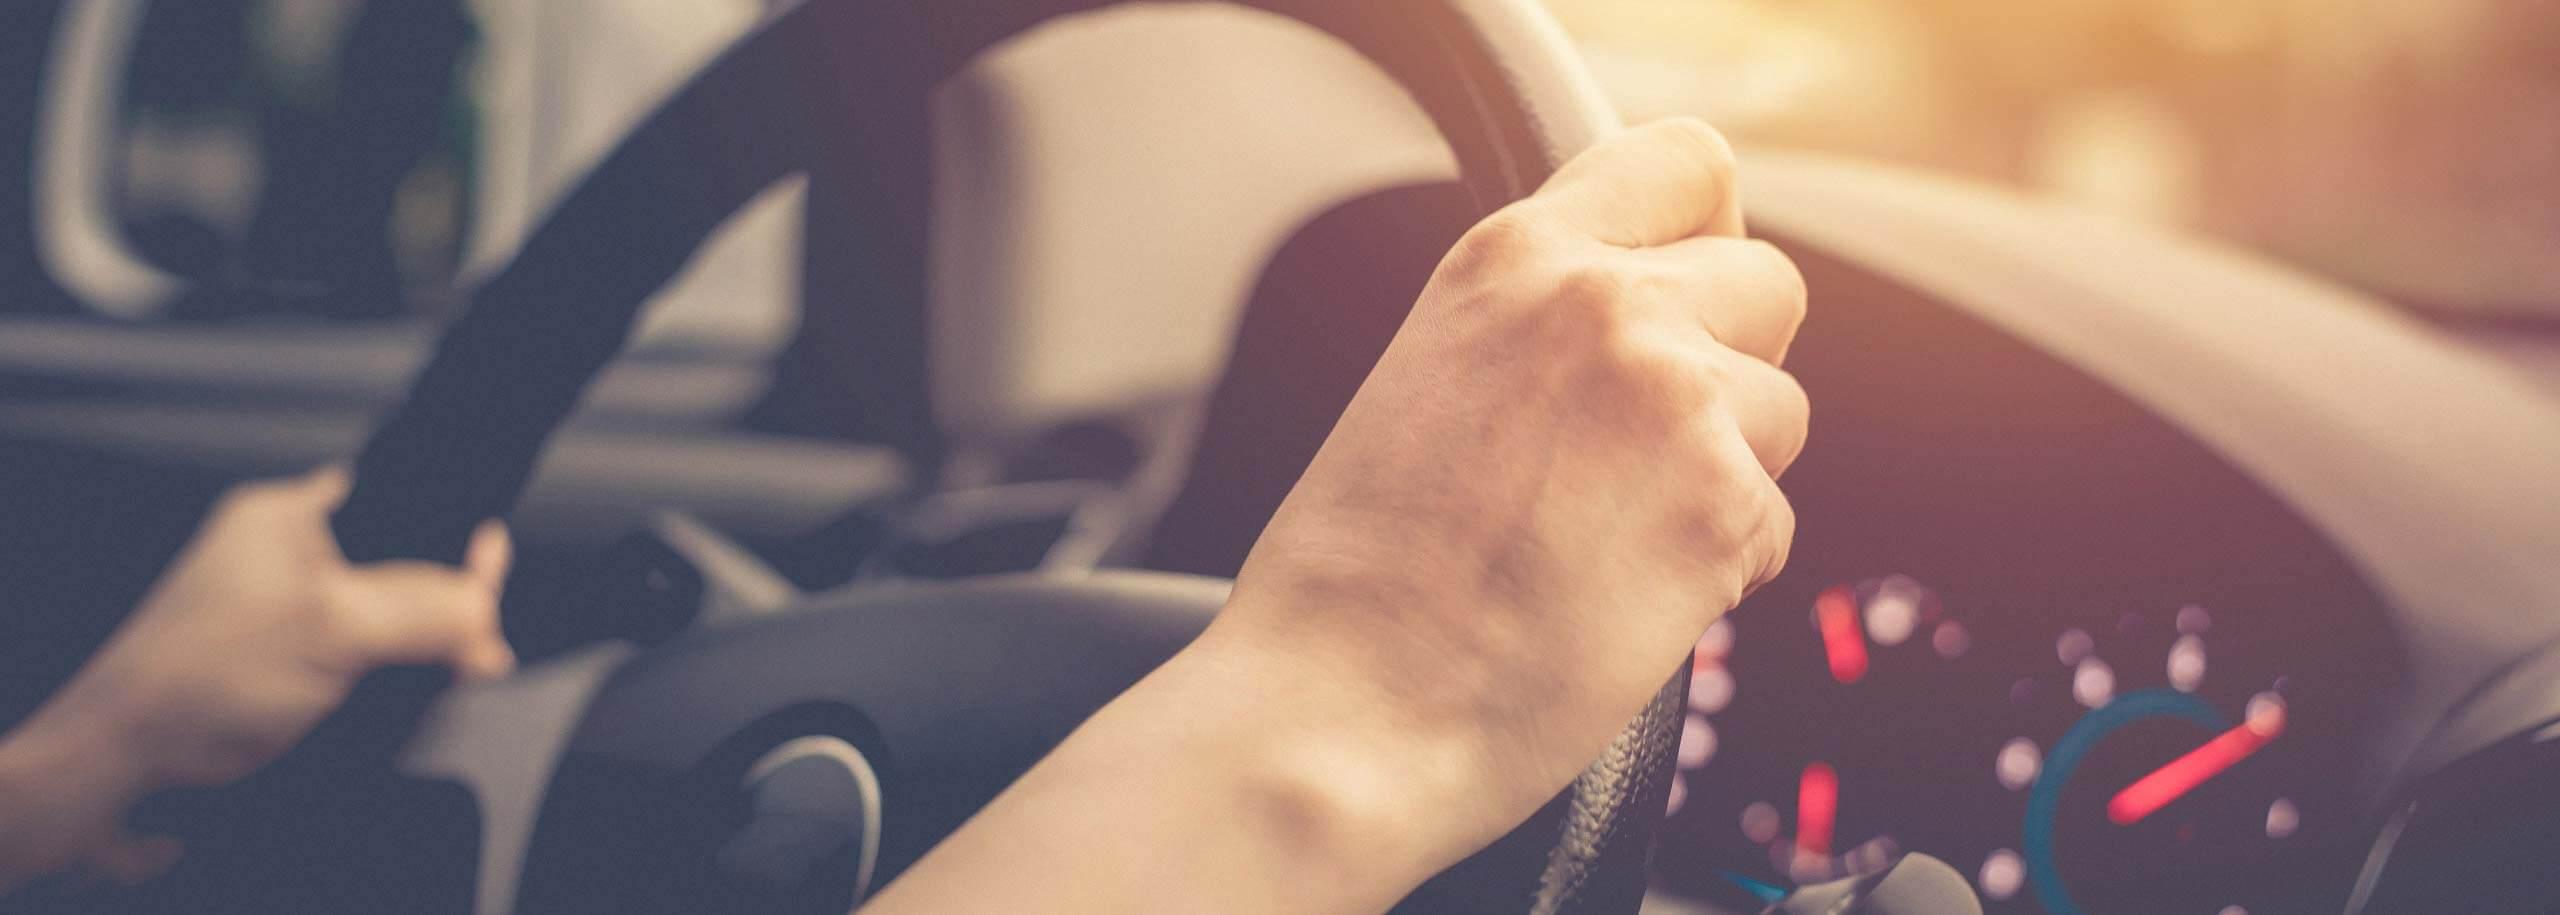 Ta körkort billigt